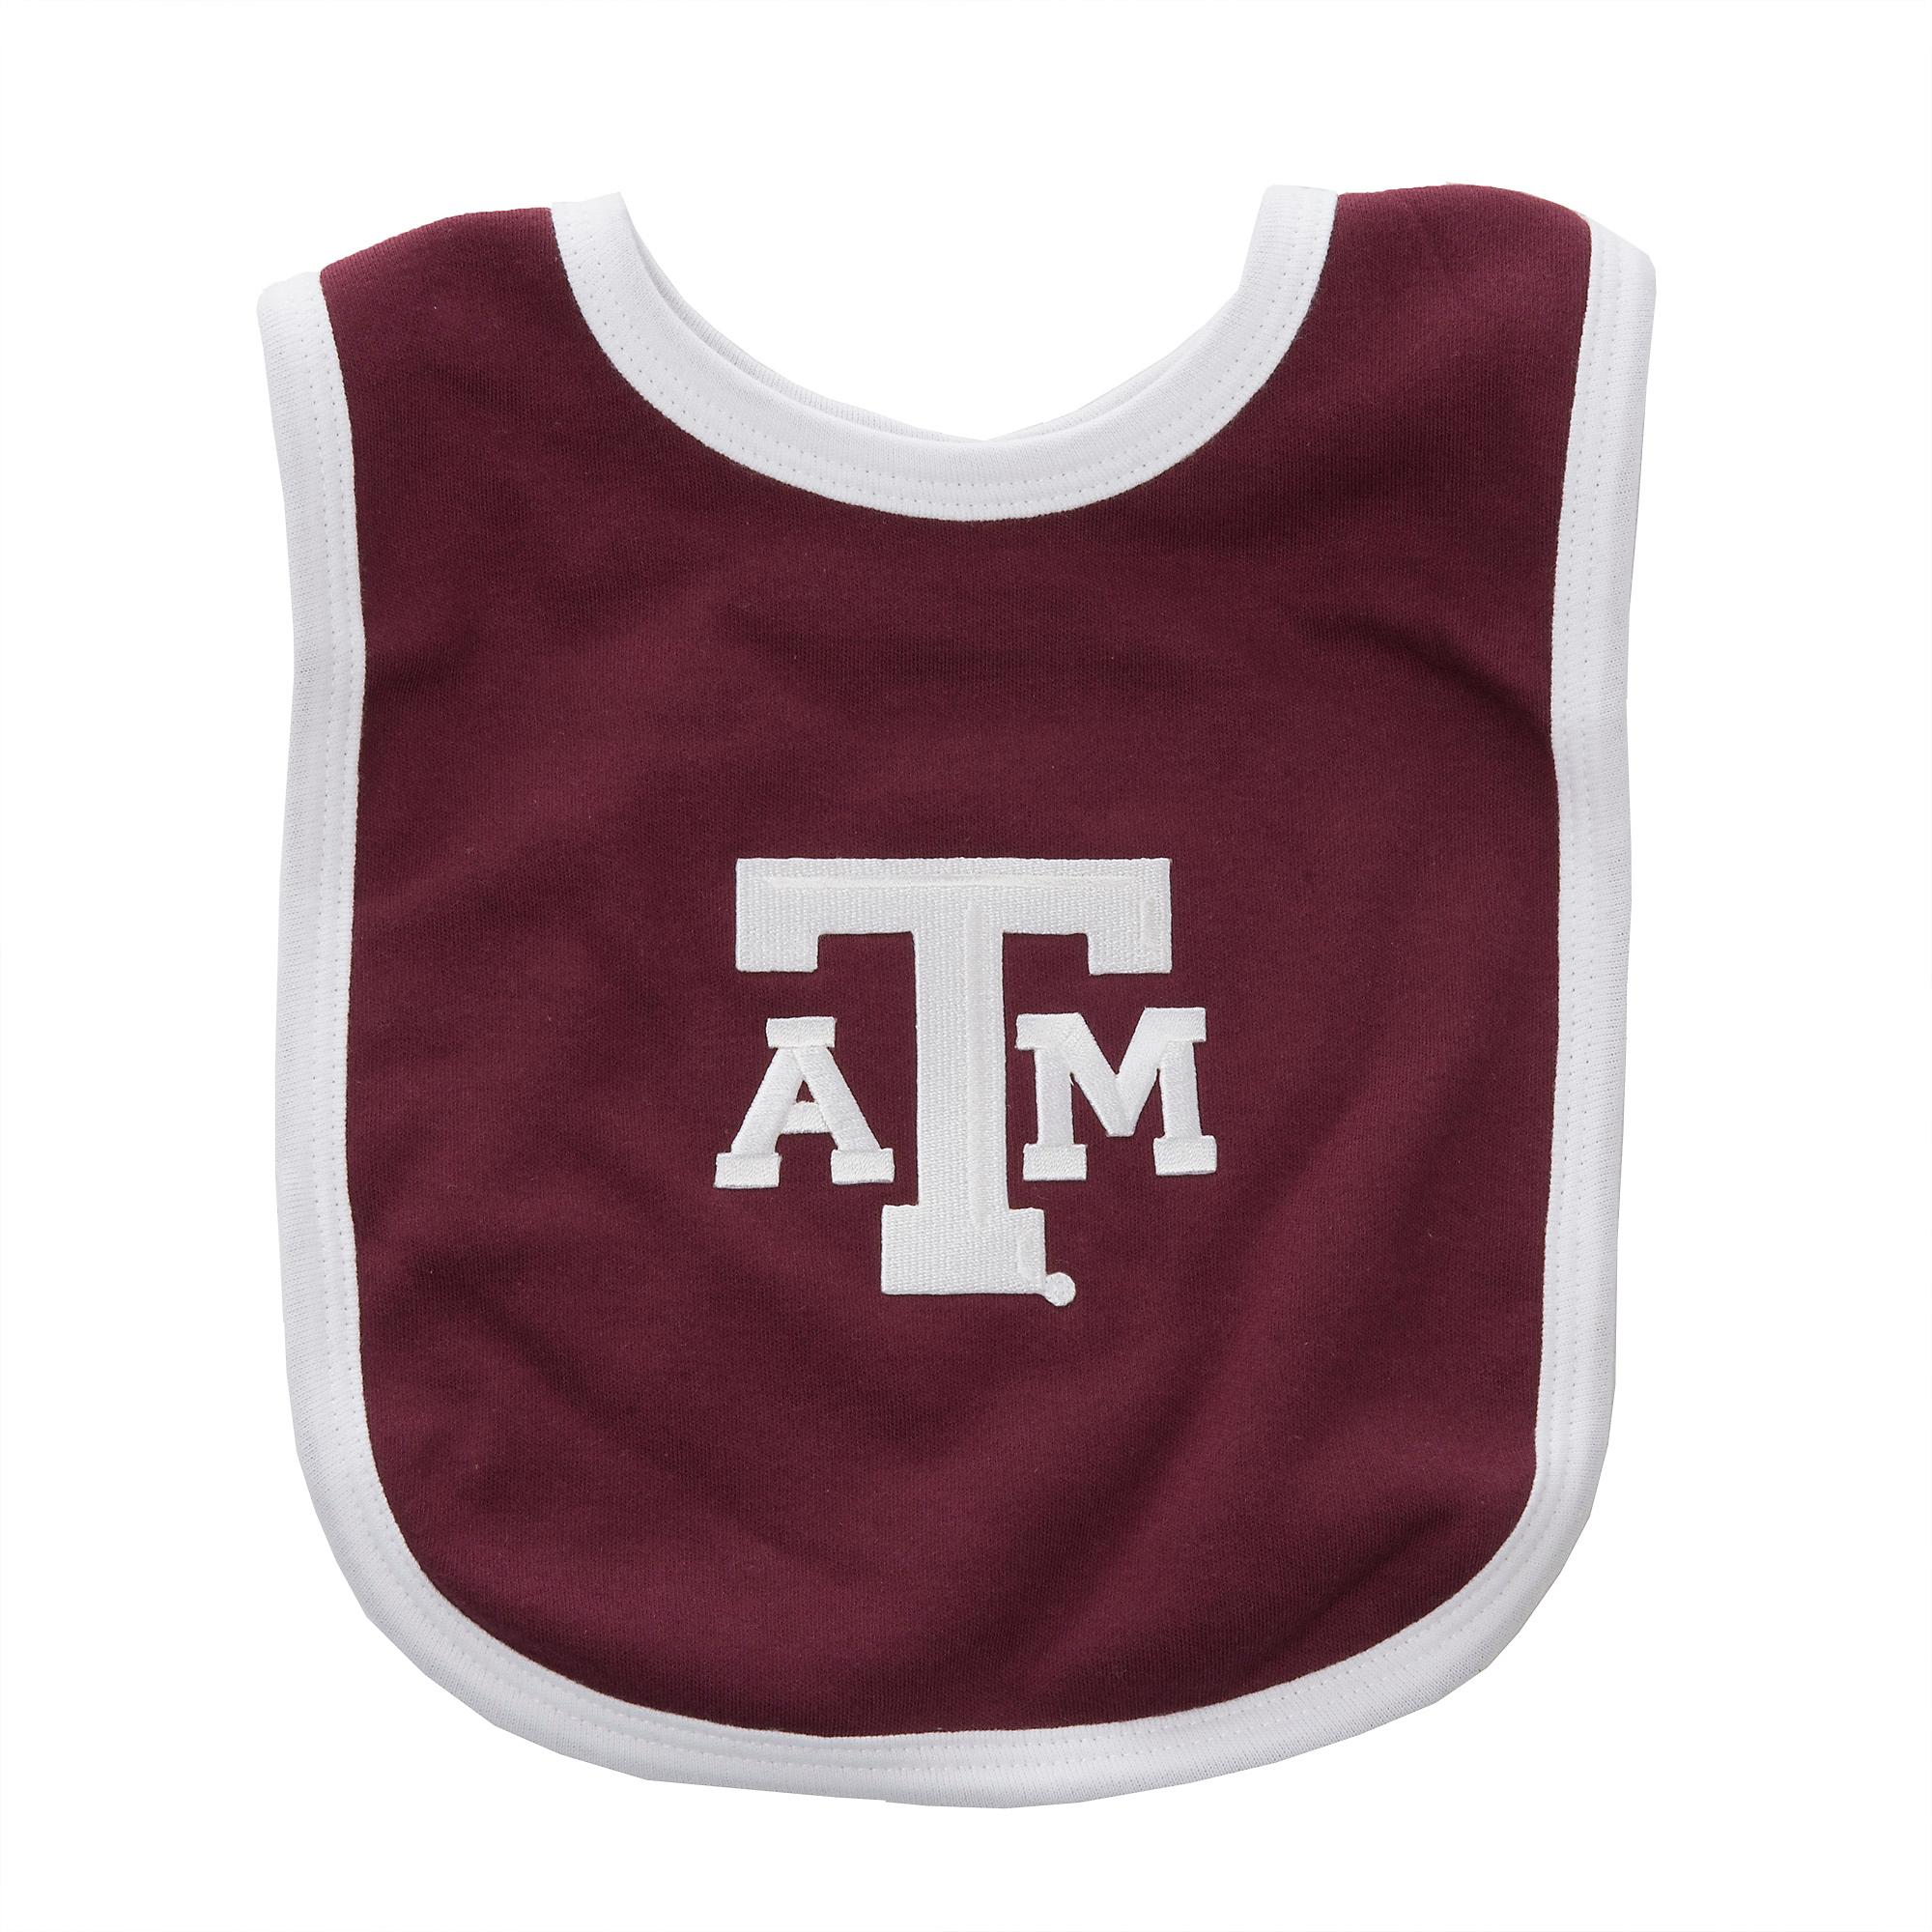 pretty nice 2a5f5 9f627 Texas A M Aggies Knit Bib